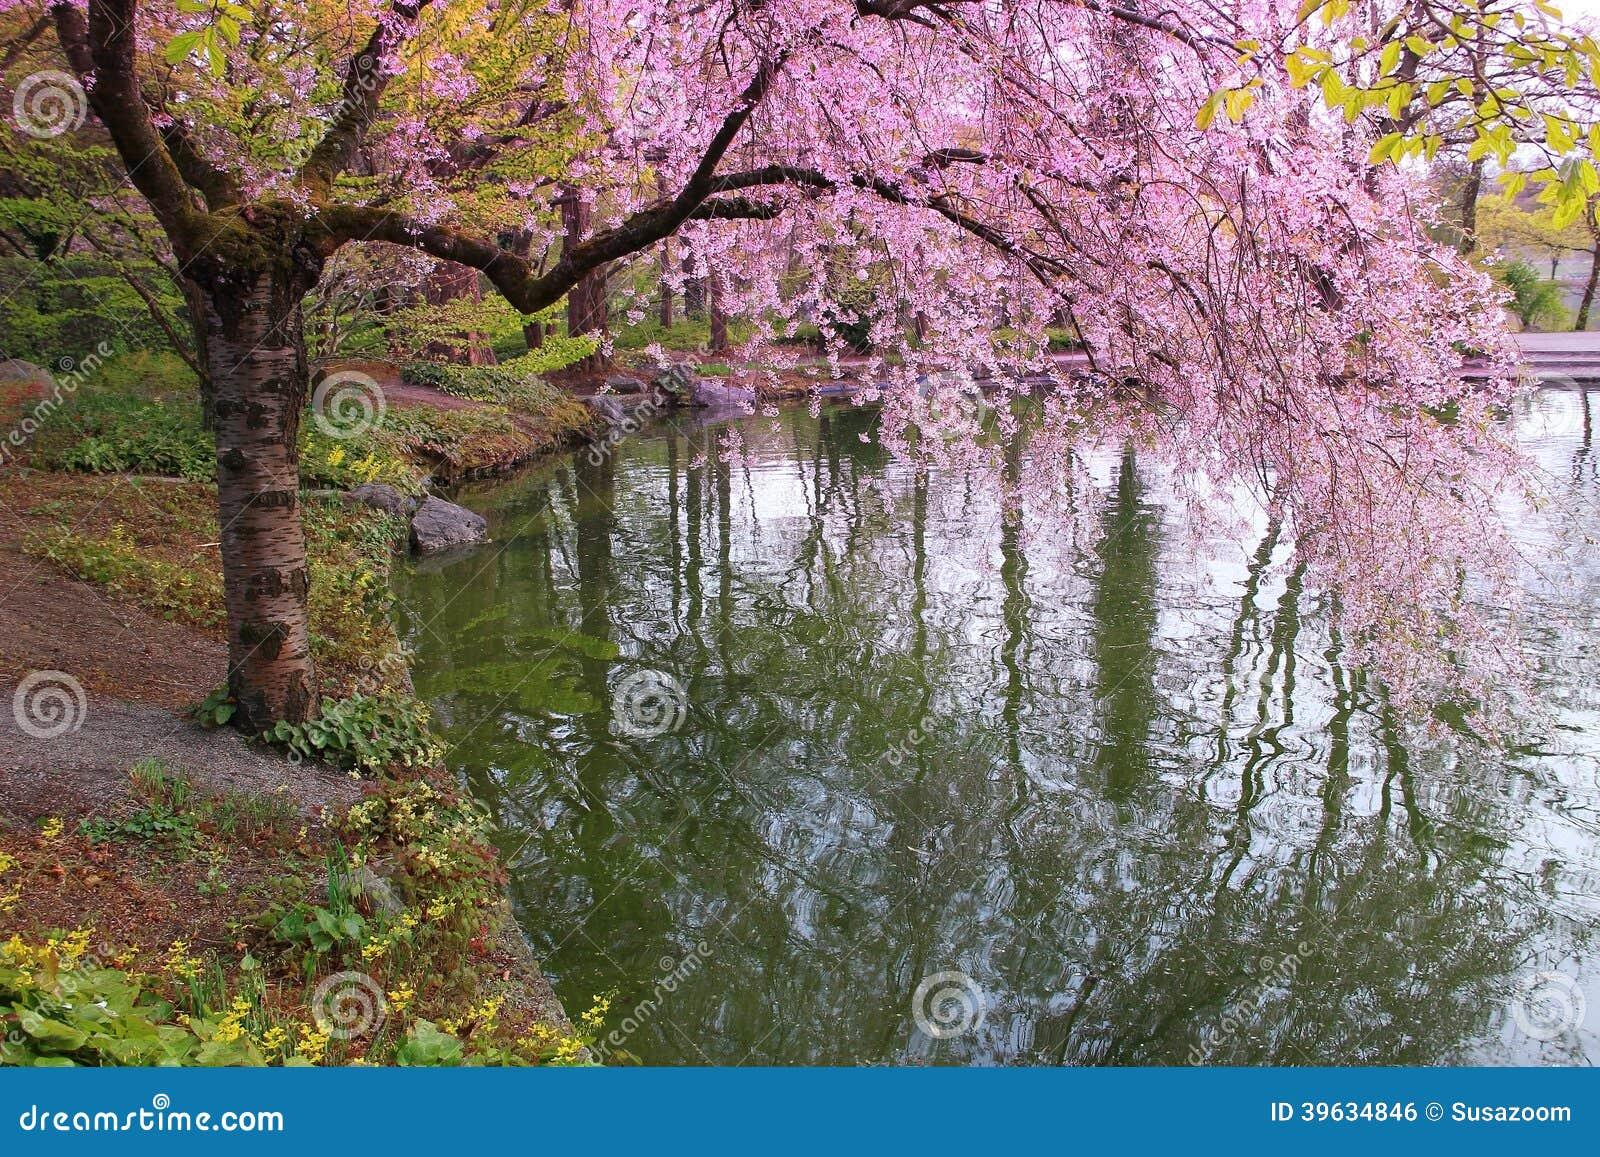 Romantischer Japanischer Garten Stockfoto - Bild: 39634846 Ein Romantischer Garten